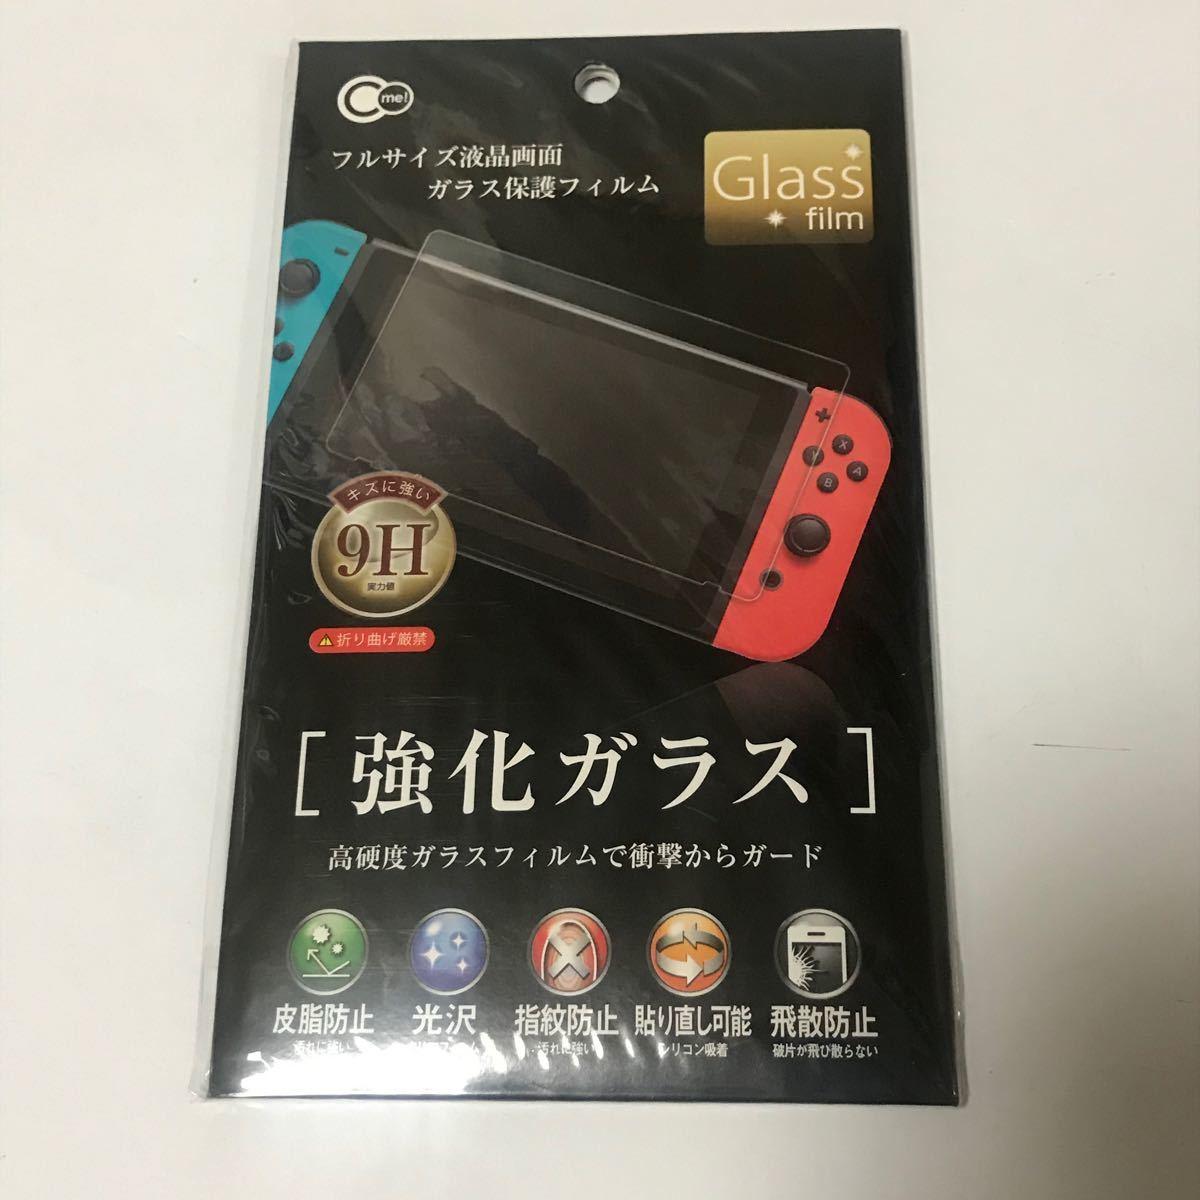 任天堂 Nintendo Switch ガラスフィルム 液晶 保護フィルム